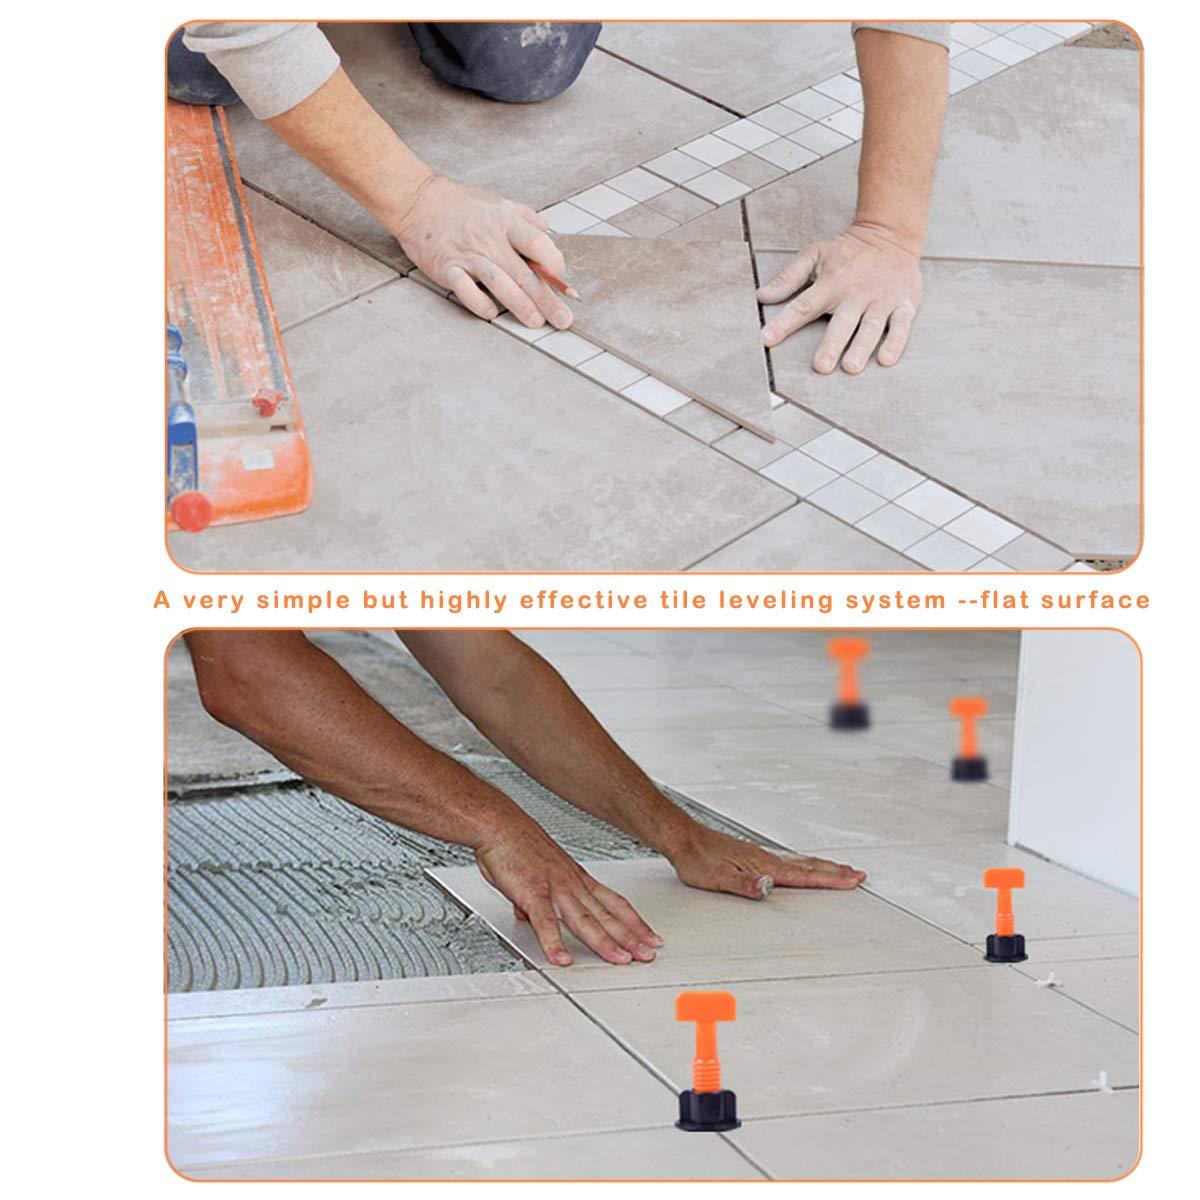 50 St/ück Fliesenabstandshalter gratis 100 St/ück Fliesenabstandhalter flache Keramikbodenwand-Konstruktionswerkzeuge mit speziellem Schraubenschl/üssel Amwoke Mehrweg-Fliesennivelliersystem